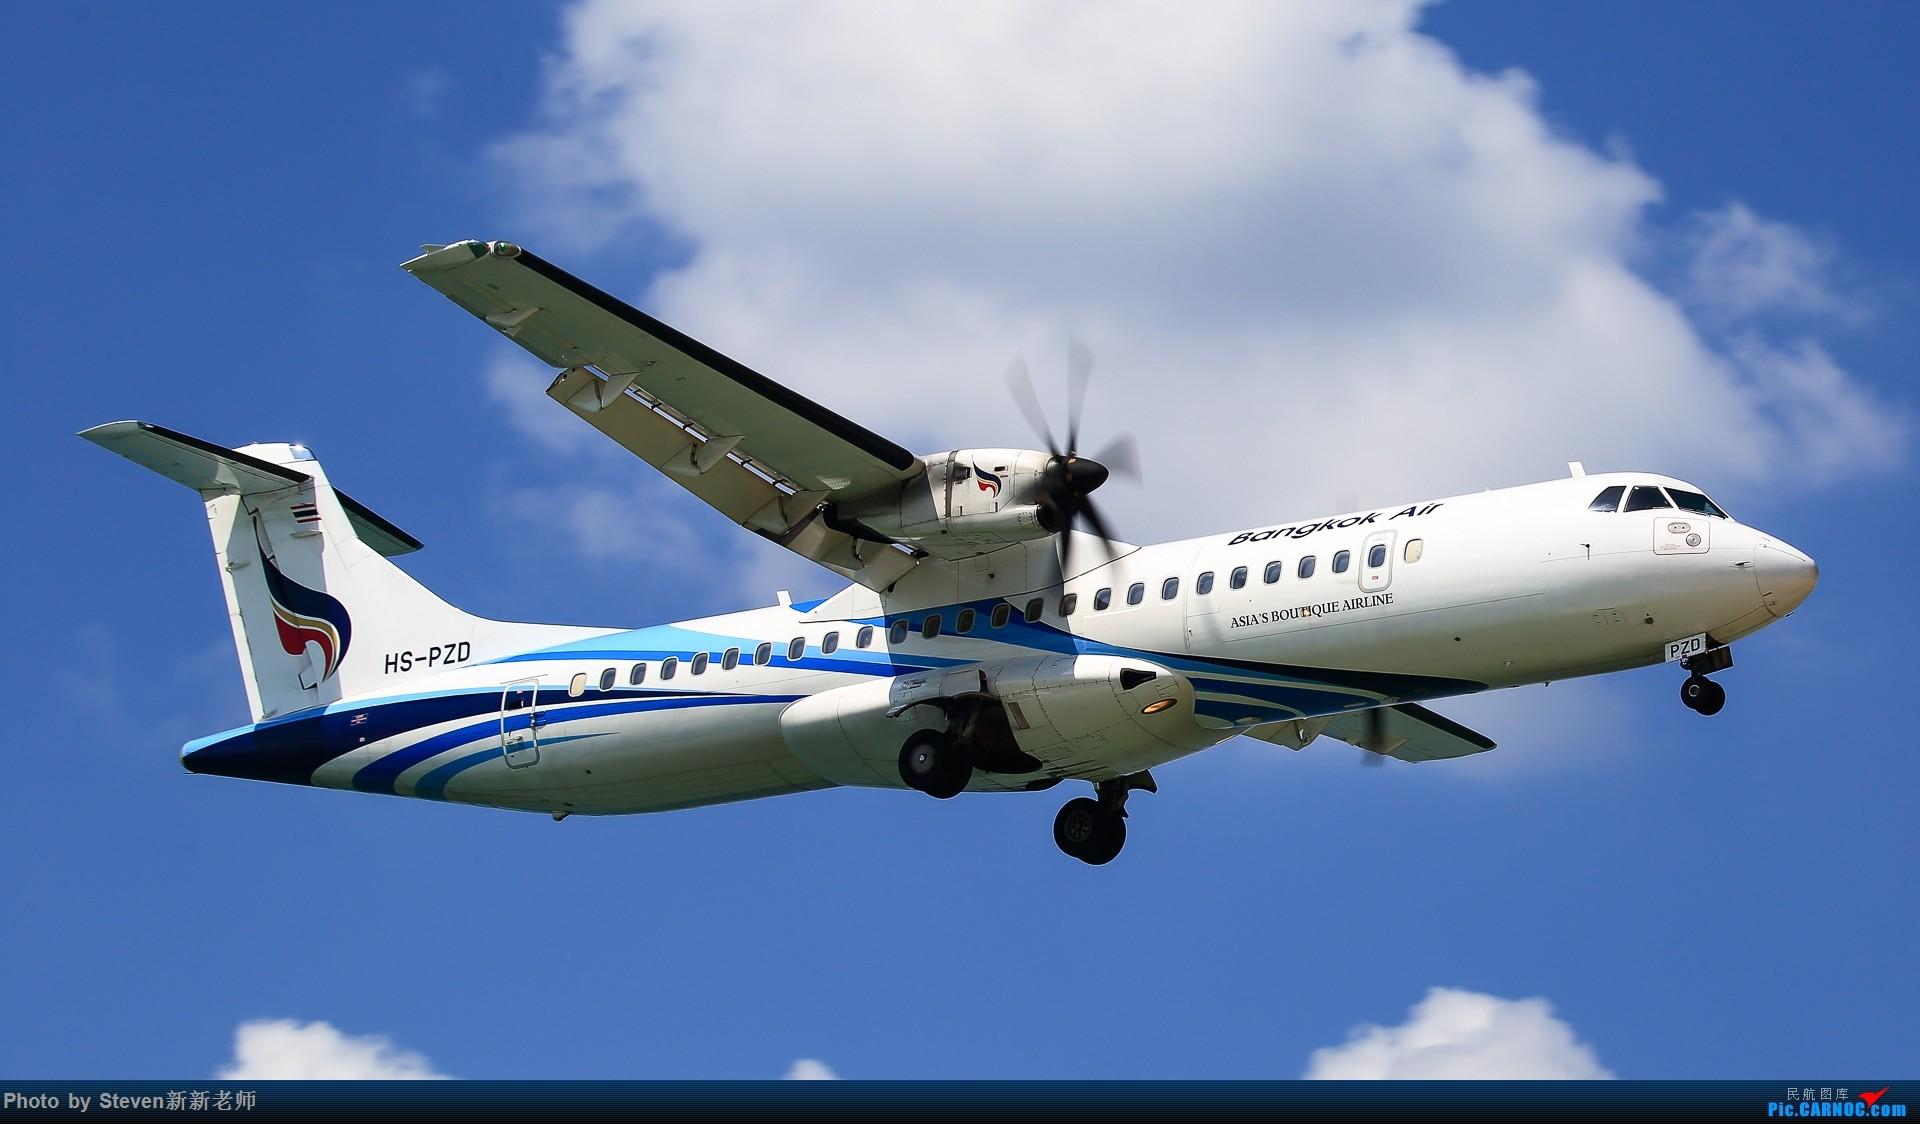 """Re:[原创]亚洲""""圣马丁岛""""—普吉国际机场拍机 ATR-72 HS-PZD 泰国普吉机场"""